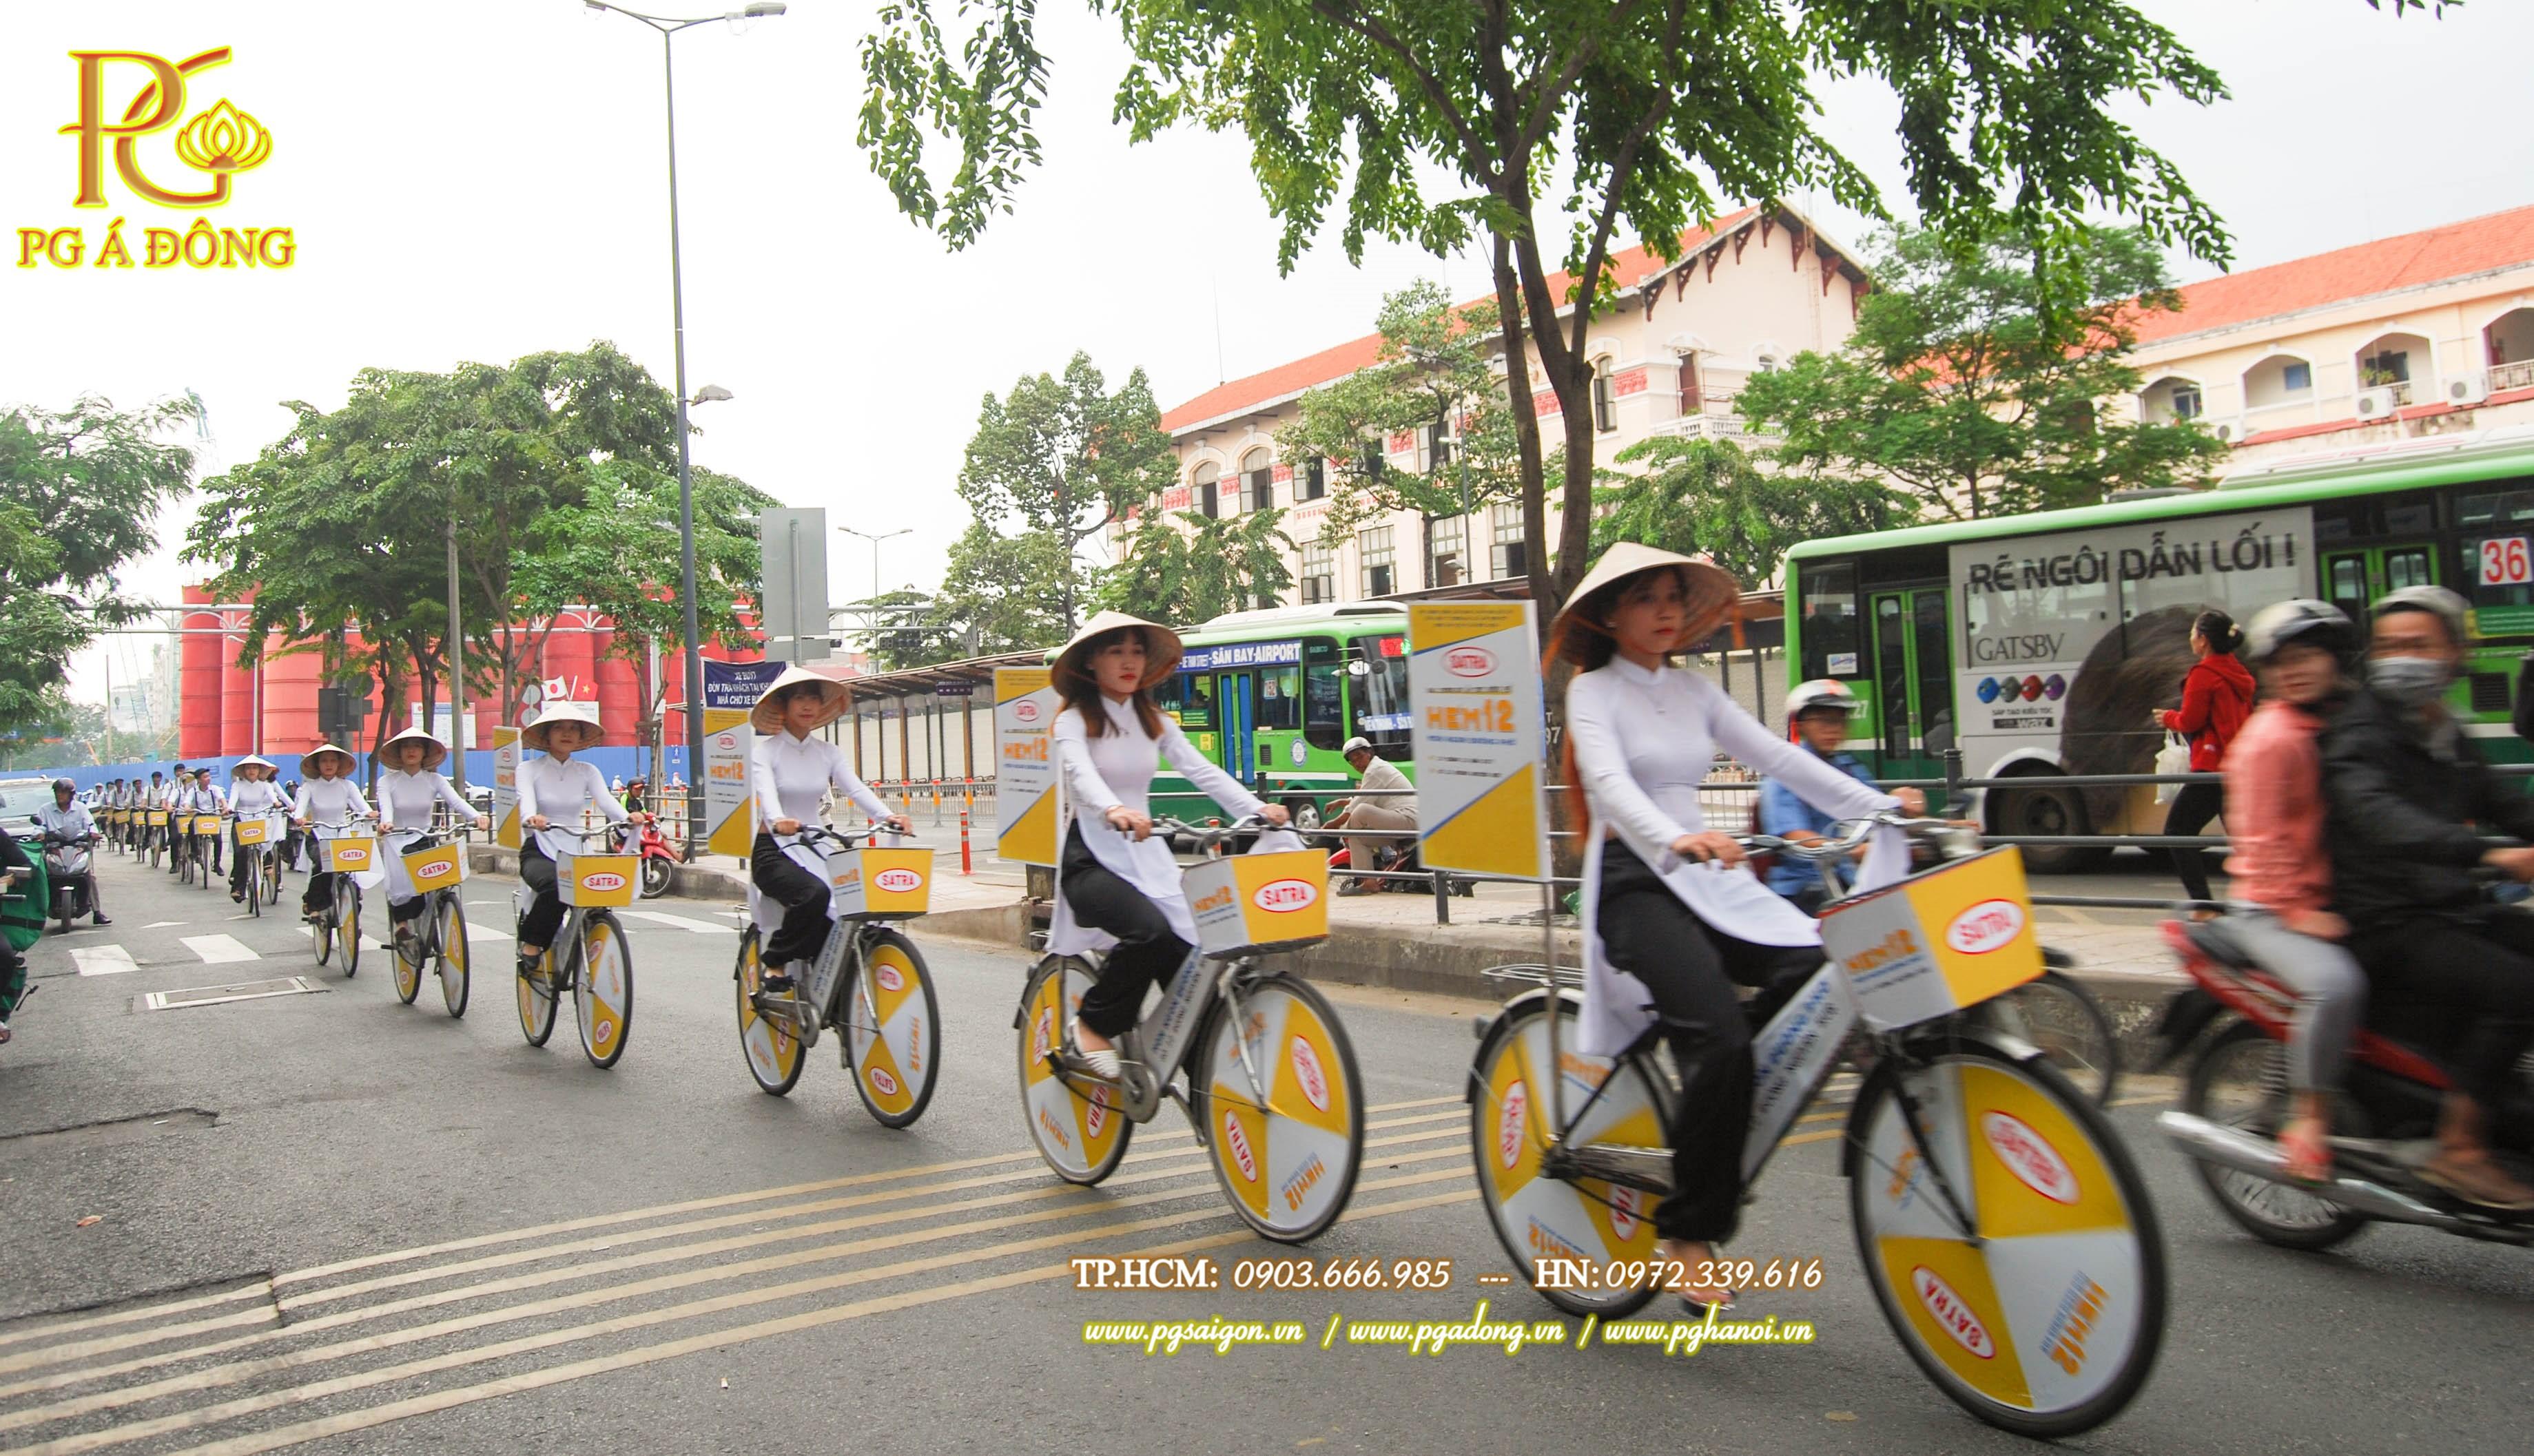 Đoàn roadshow xe đạp nổi bật trên đường Hàm Nghi